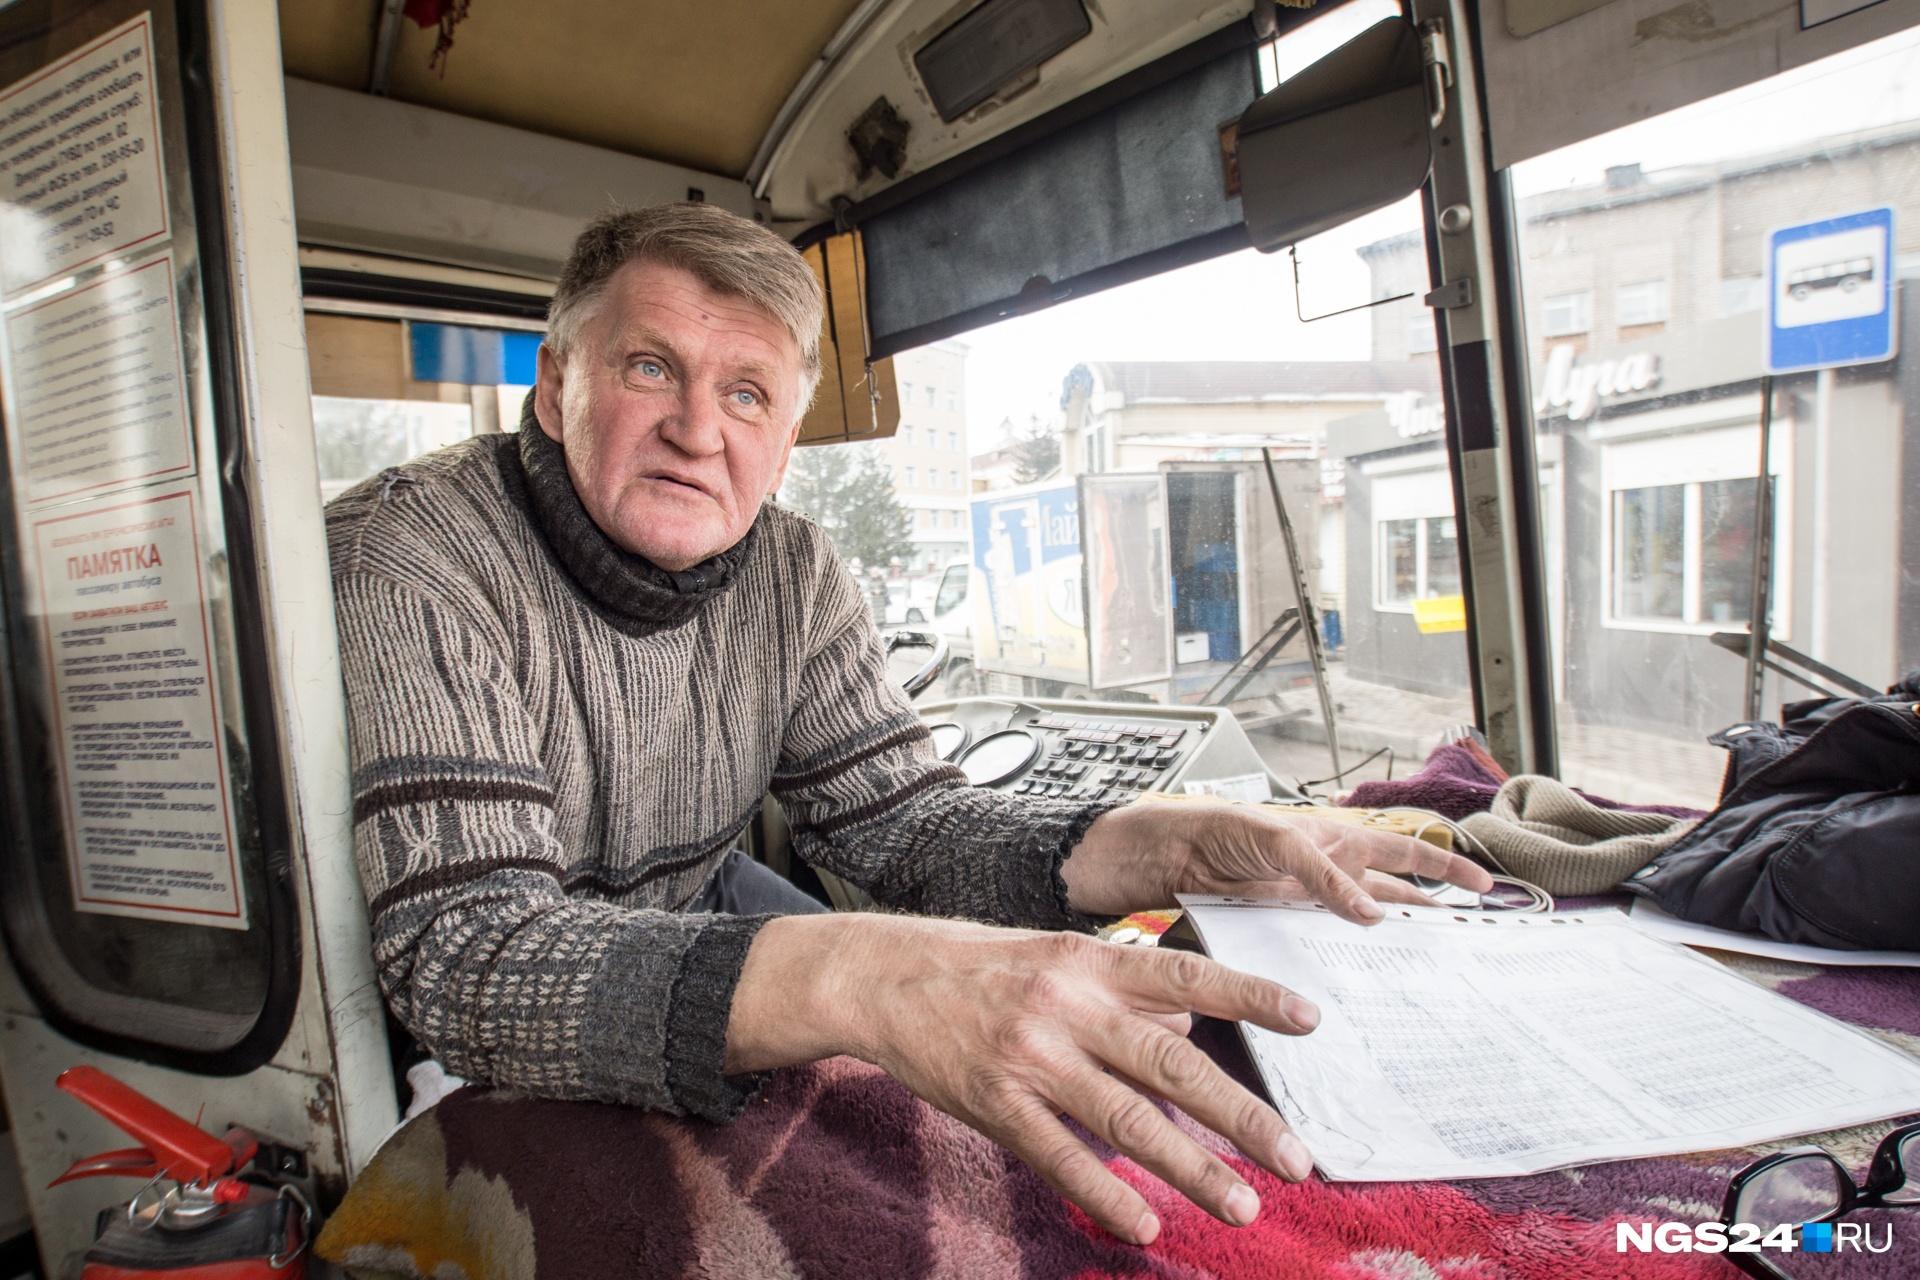 Водитель маршрутки Андрей за 3 года работы водителем закрыл ипотеку в Новосибирске. В Красноярск он приезжает на 3-недельную вахту, «И работает, как никто не работает»